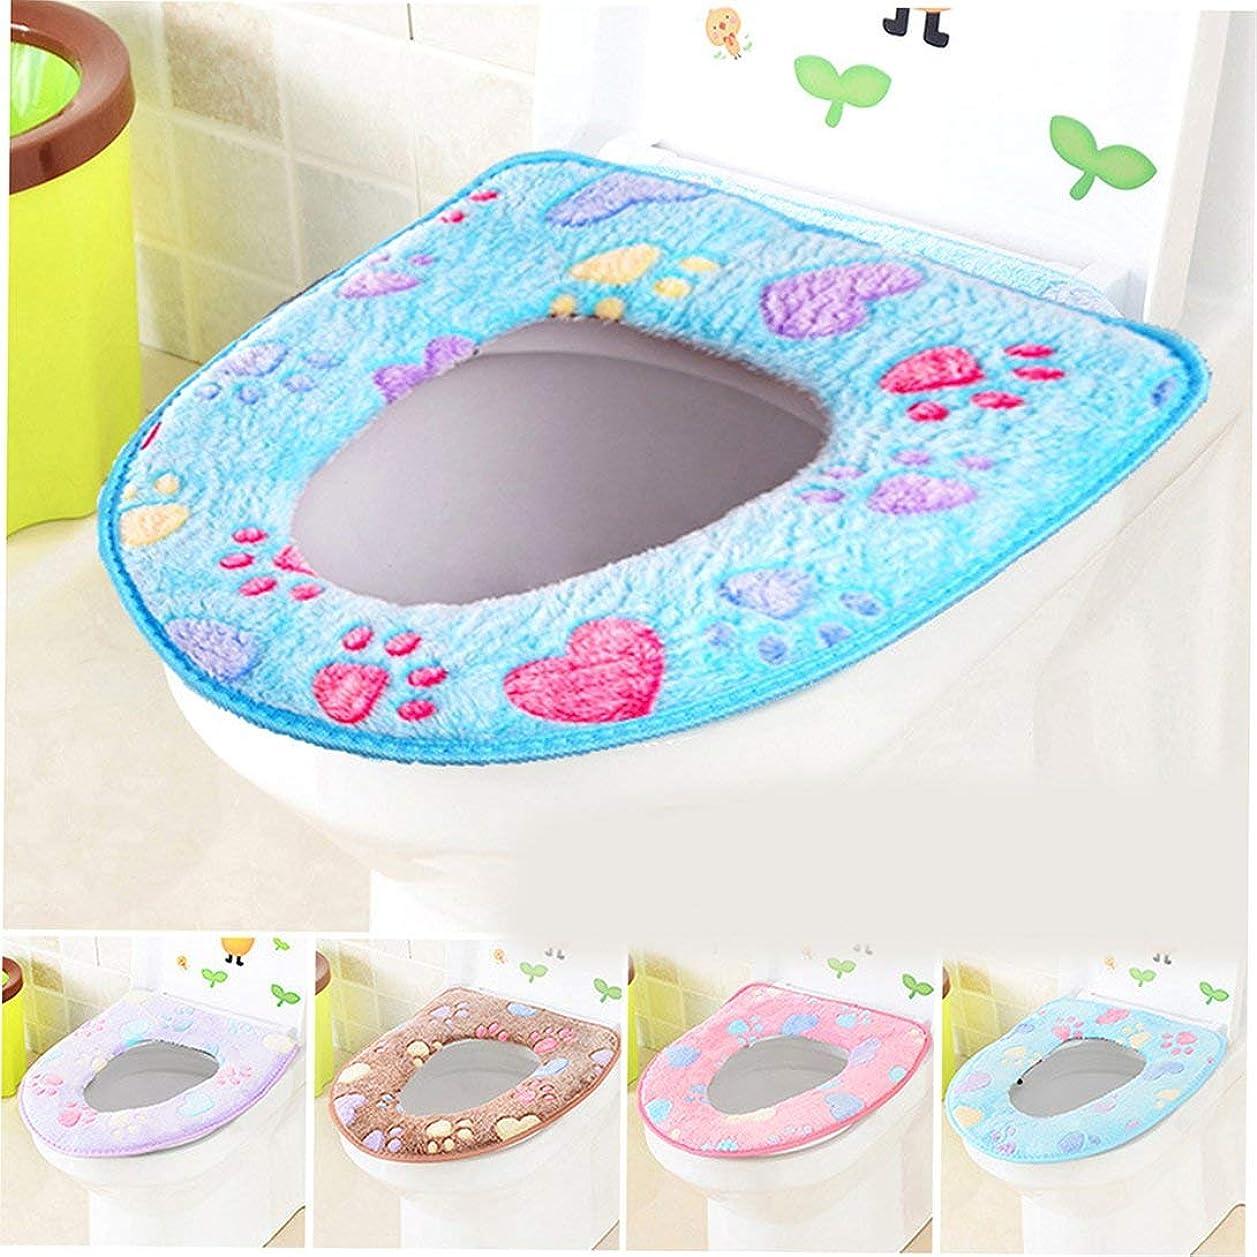 合併エレクトロニックポインタSwiftgood トイレマット浴室柔らかく厚い暖かい便座カバーパッド伸縮性洗える布トイレ便座クッション